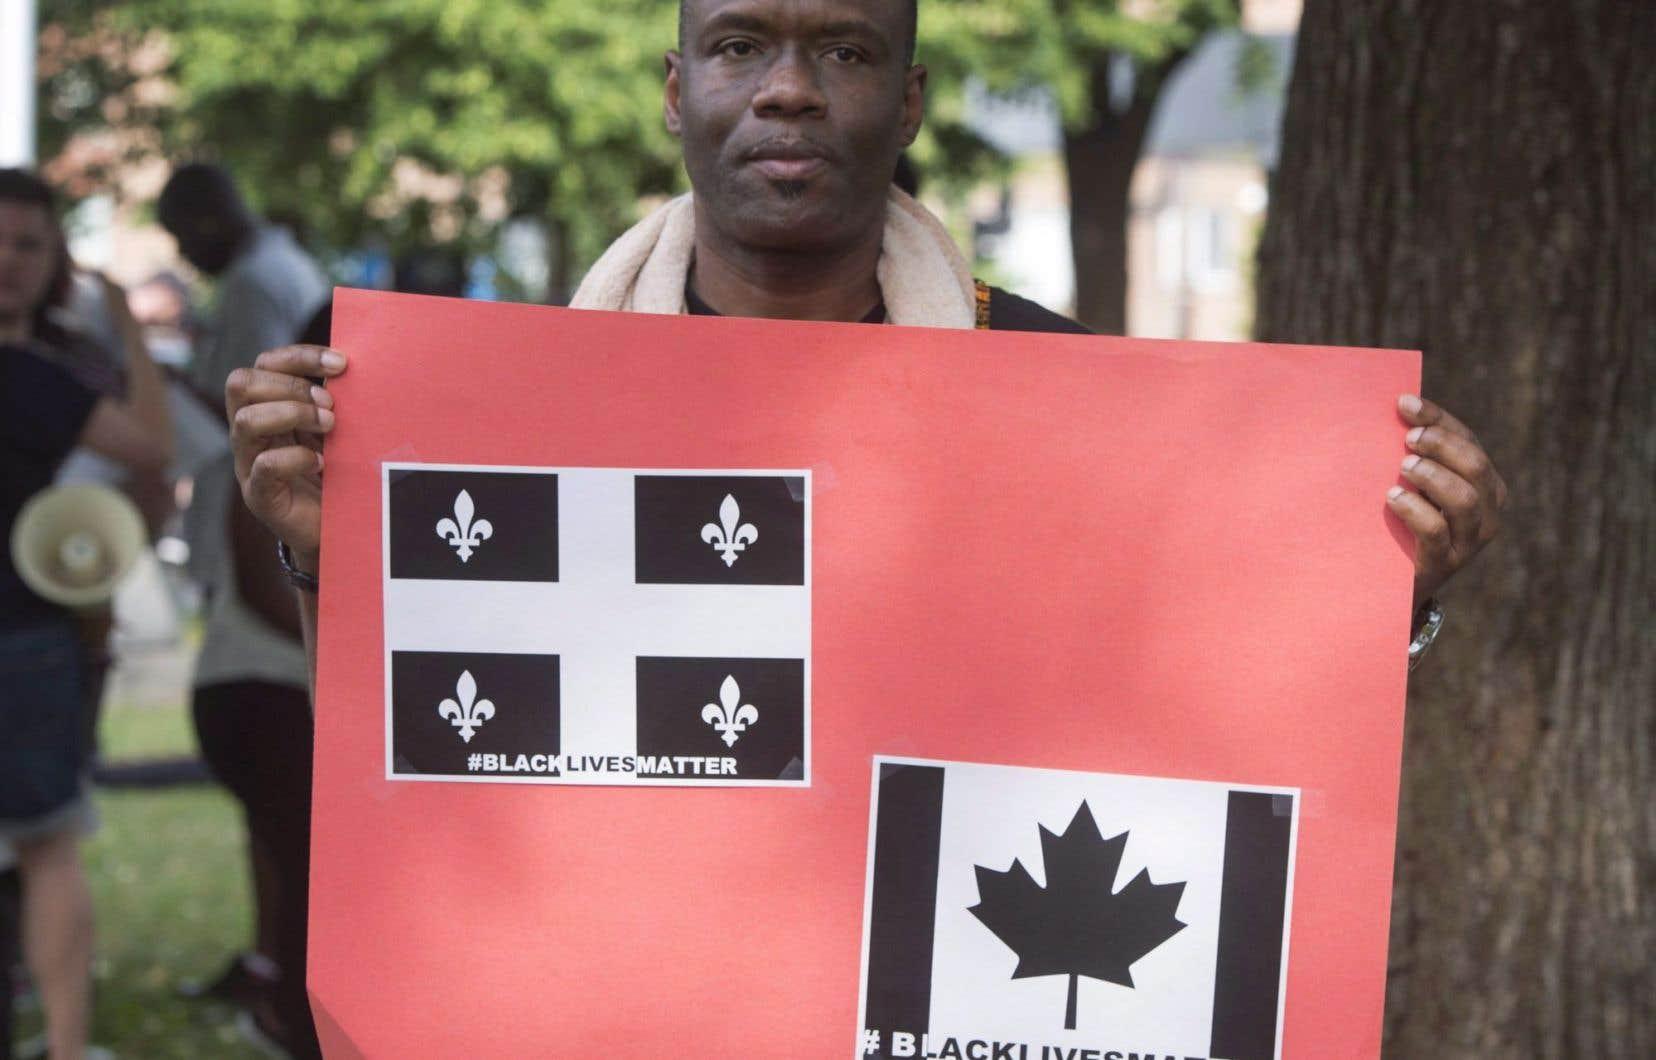 Ce sympathisant de la Ligue des Noirs du Québec a pris part à la manifestation contre la brutalité policière en juillet 2016, à Montréal.